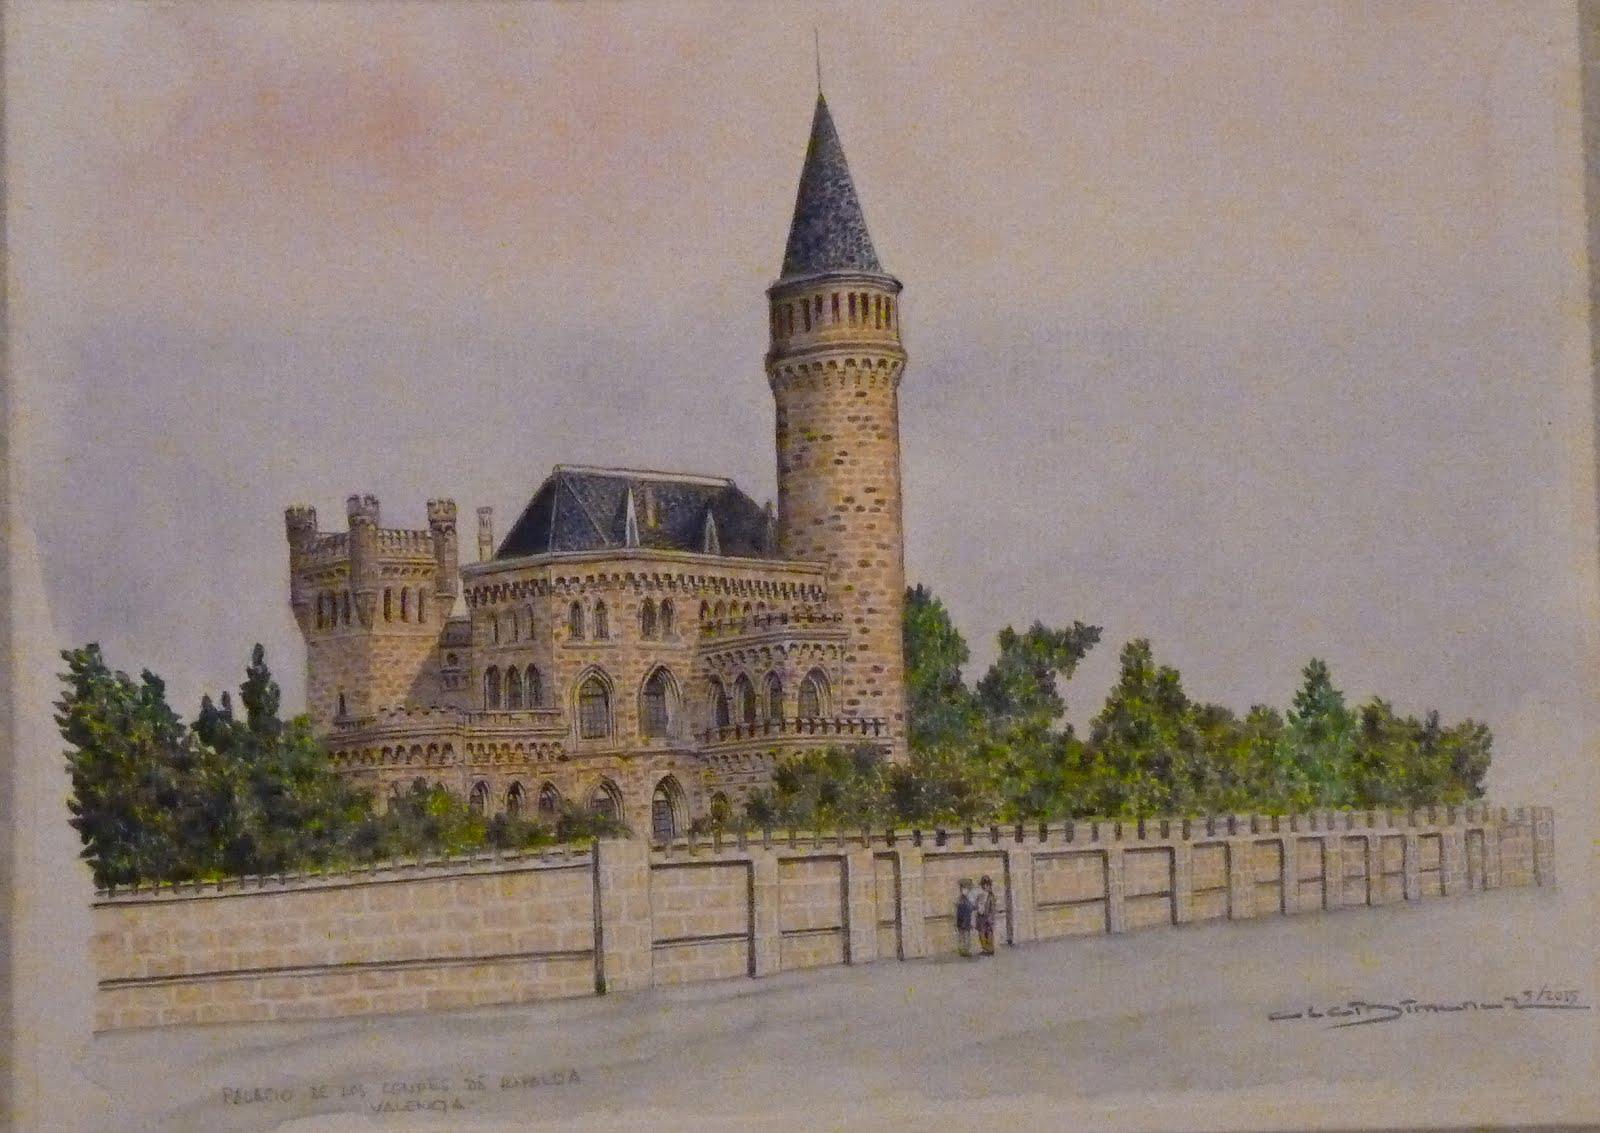 Palacio de los condes de Ripaldaa